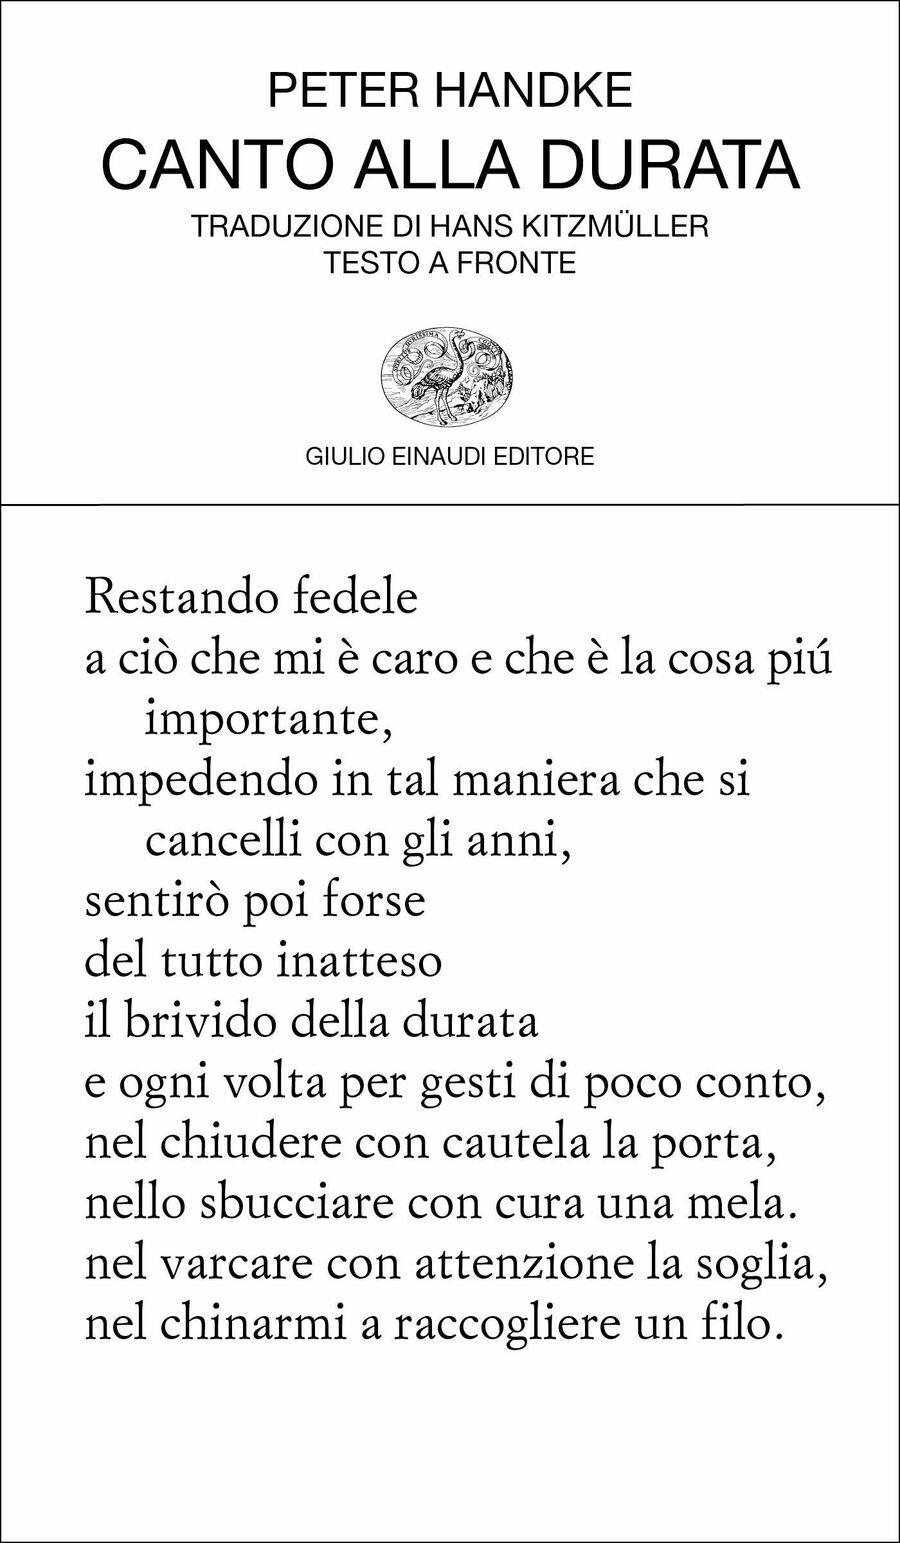 poesie-014